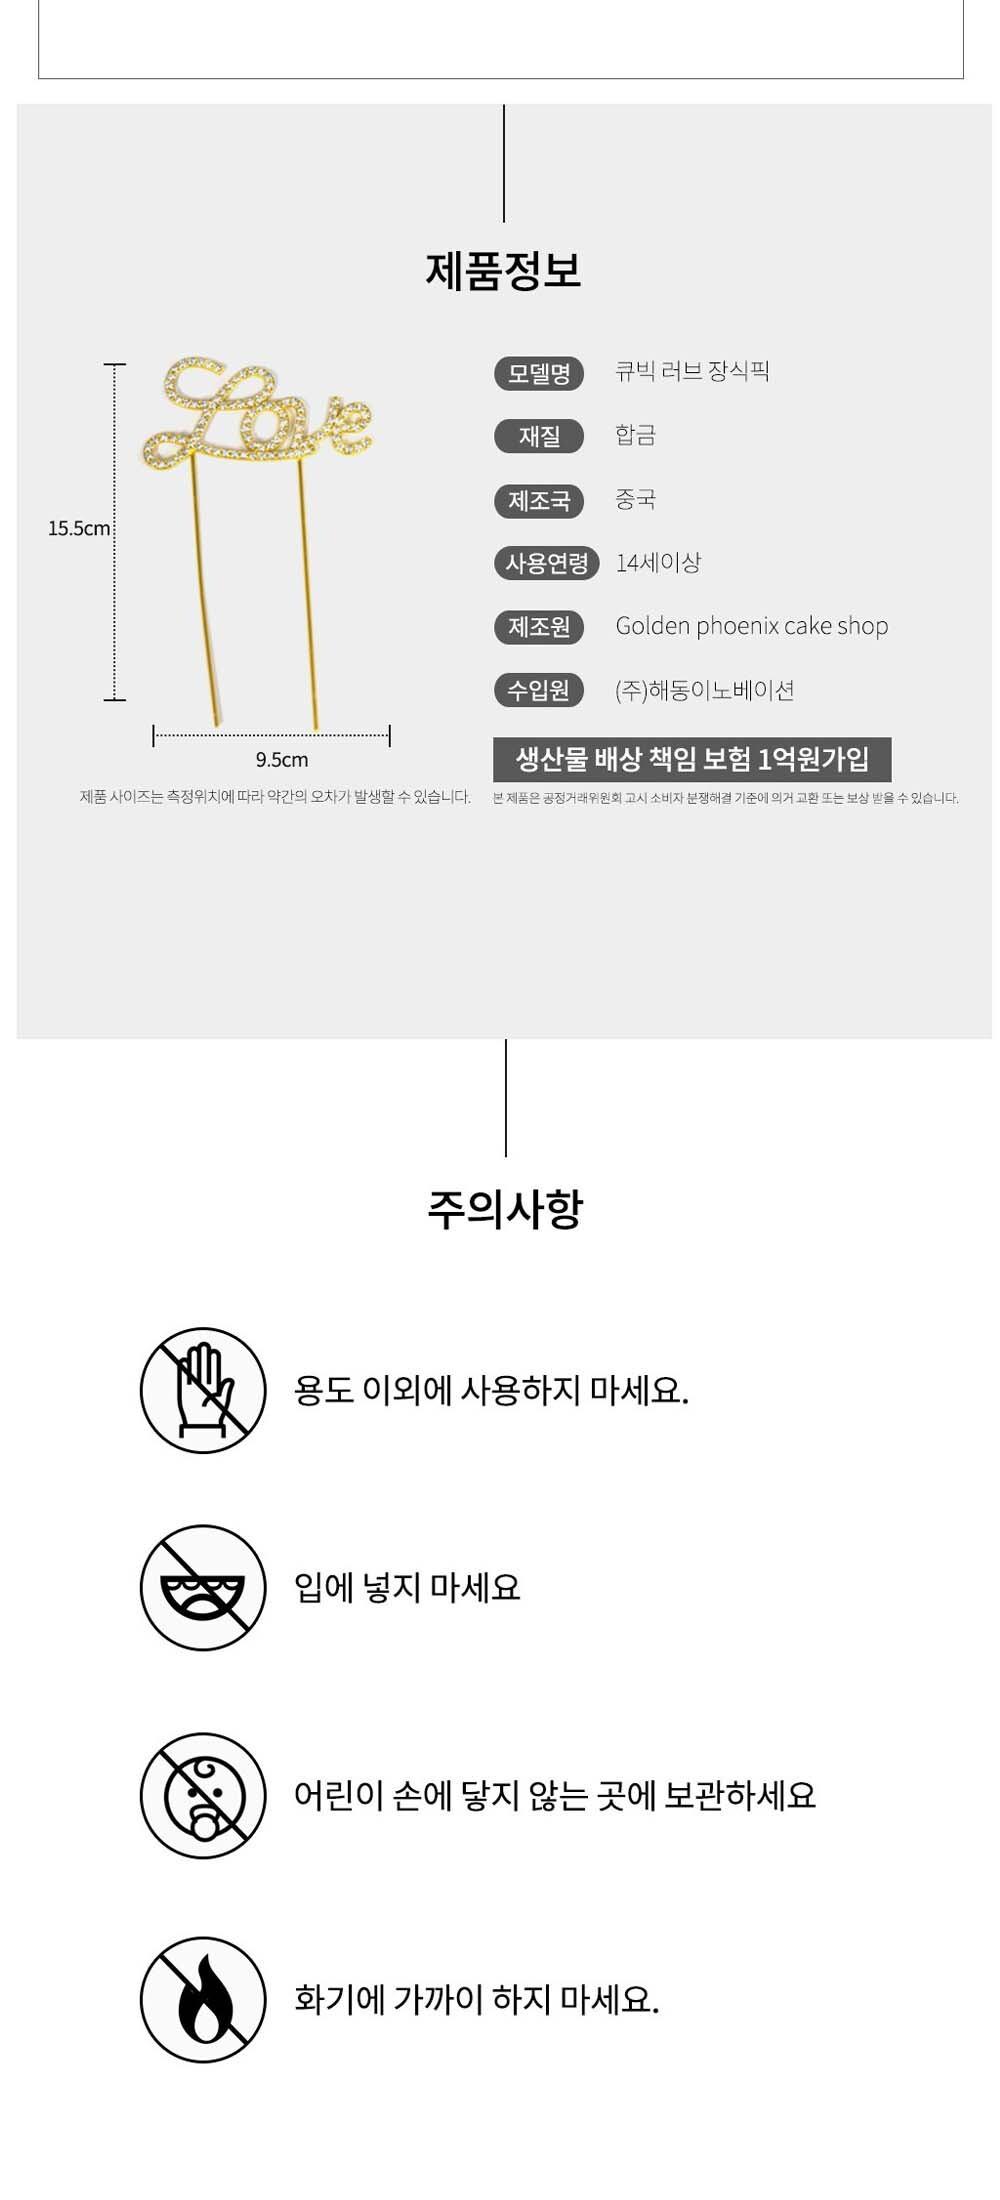 큐빅러브장식픽 - 파티클럽, 2,200원, 장식품, 워터볼/오르골